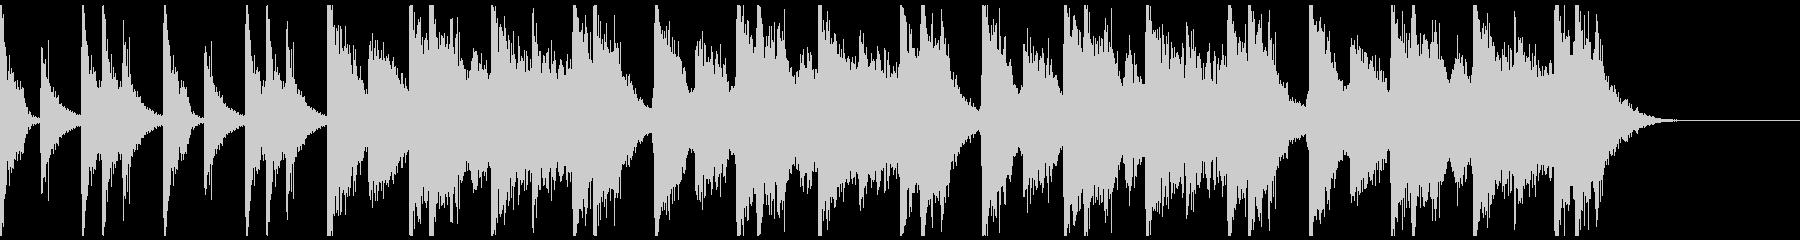 勇壮クラップ&ストンプ&コーラス/30秒の未再生の波形